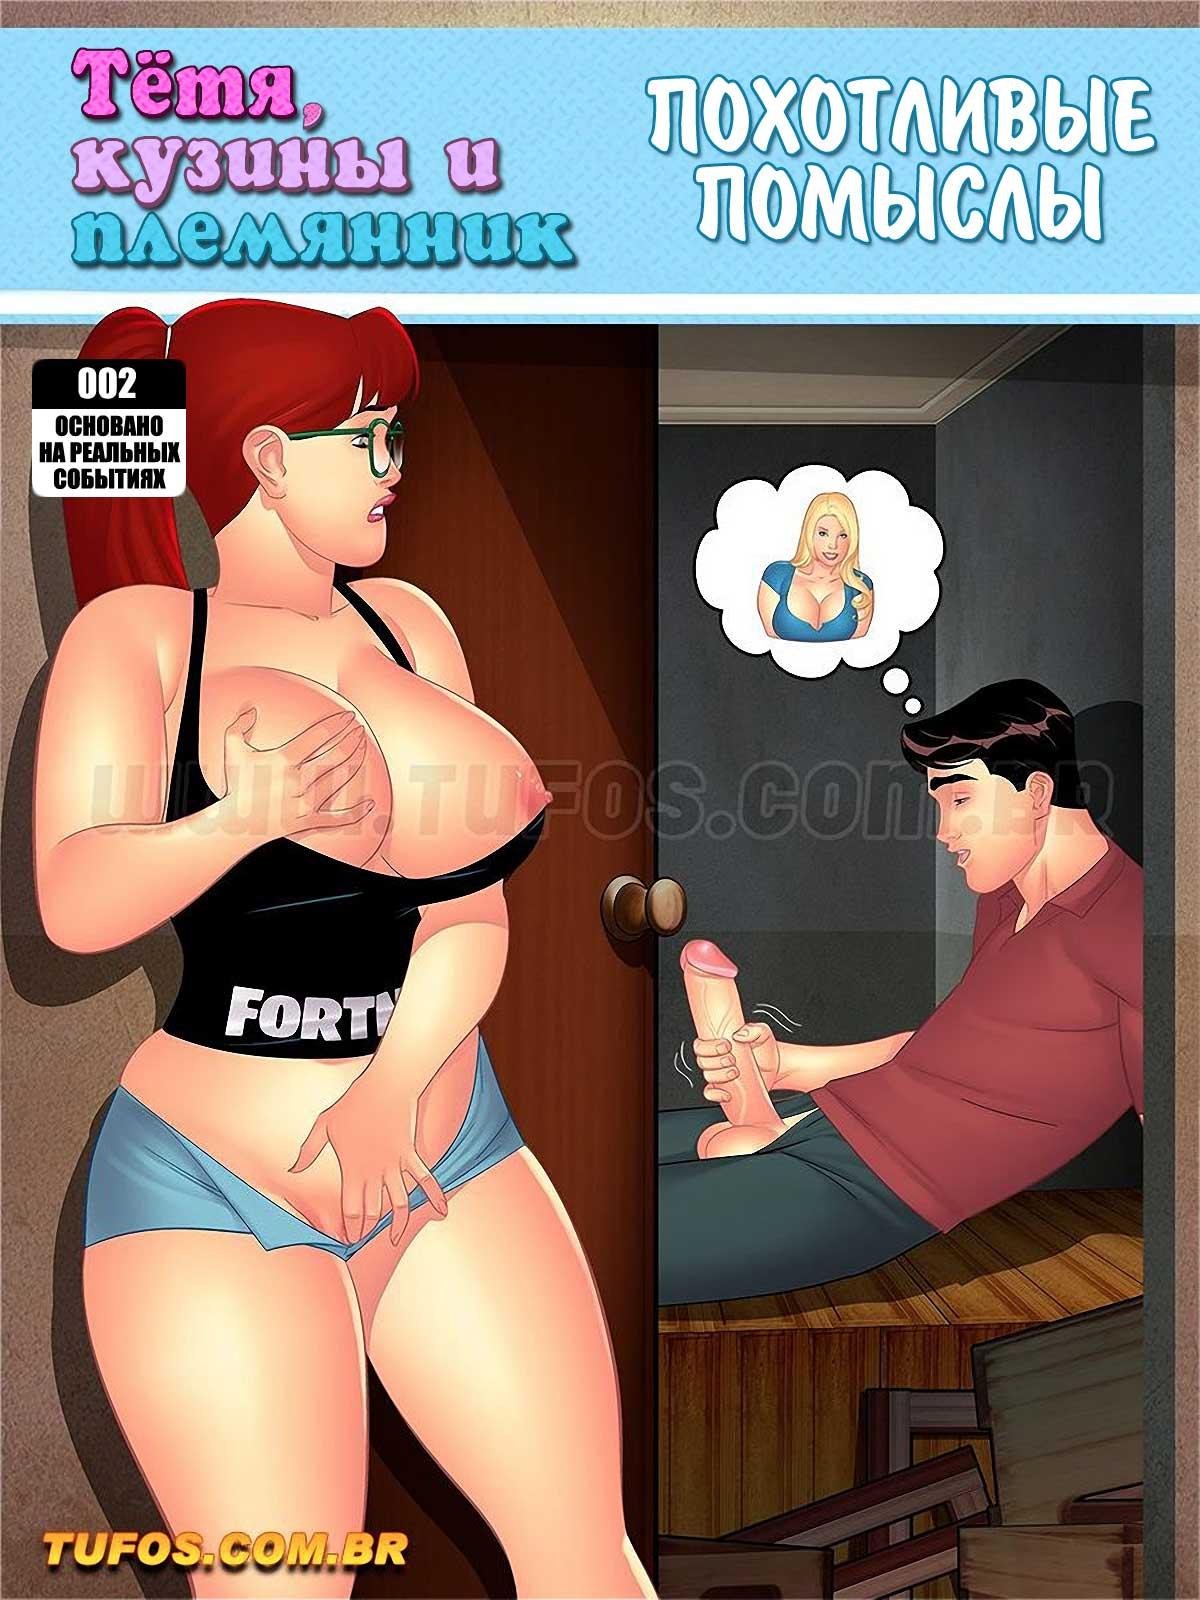 порно комикс тетя, кузины и племянник 2